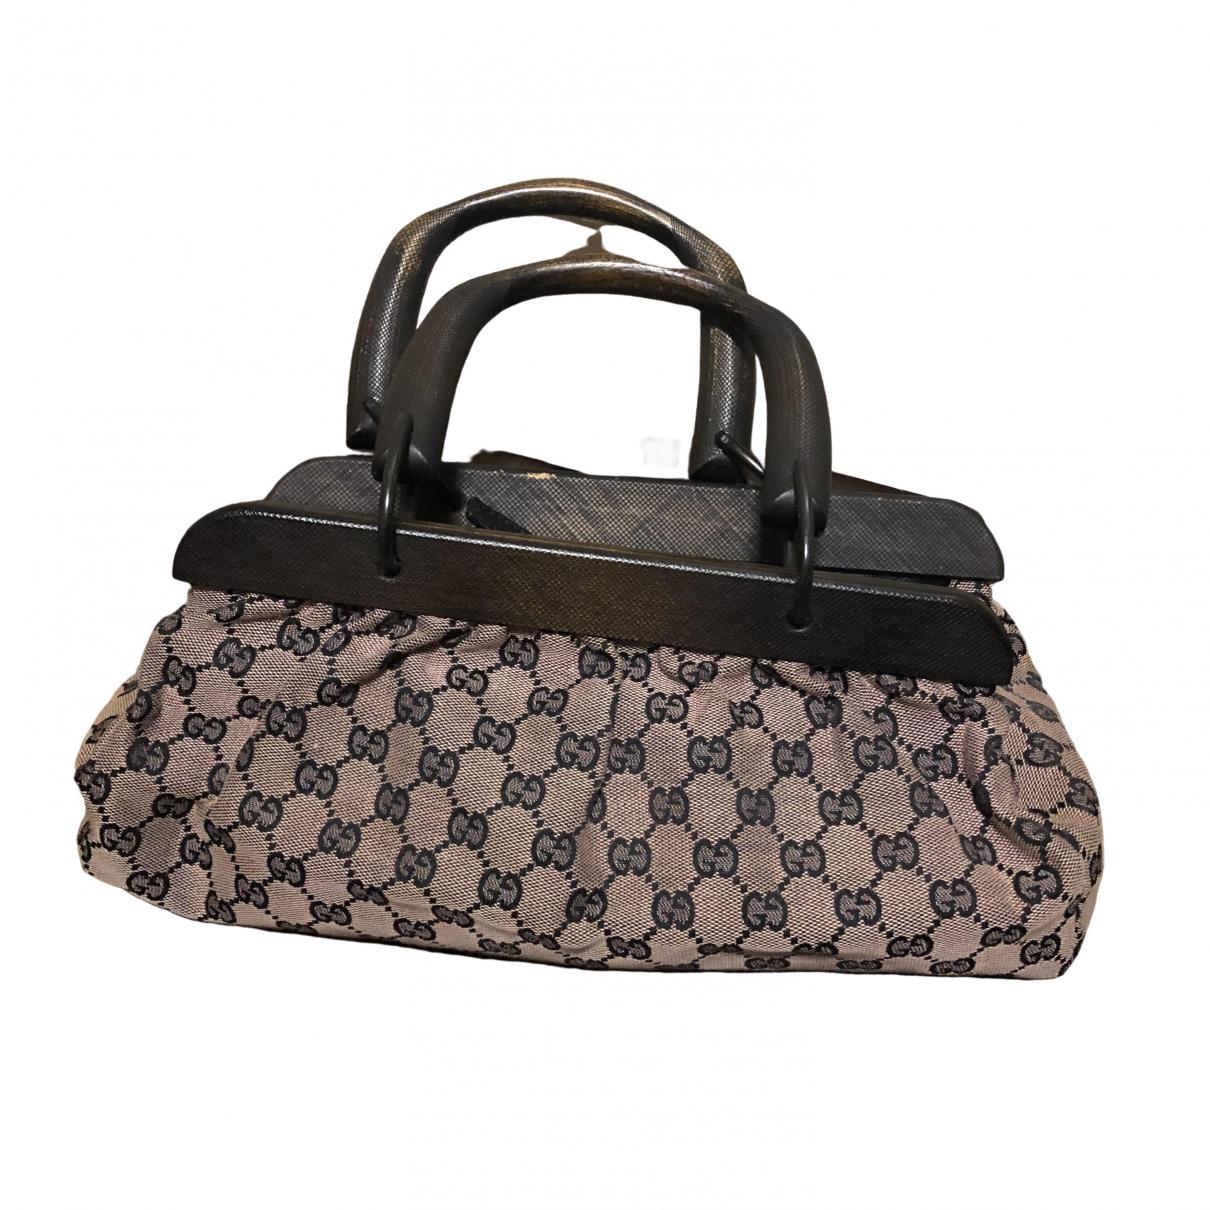 Gucci \N Handtasche in  Braun Leinen